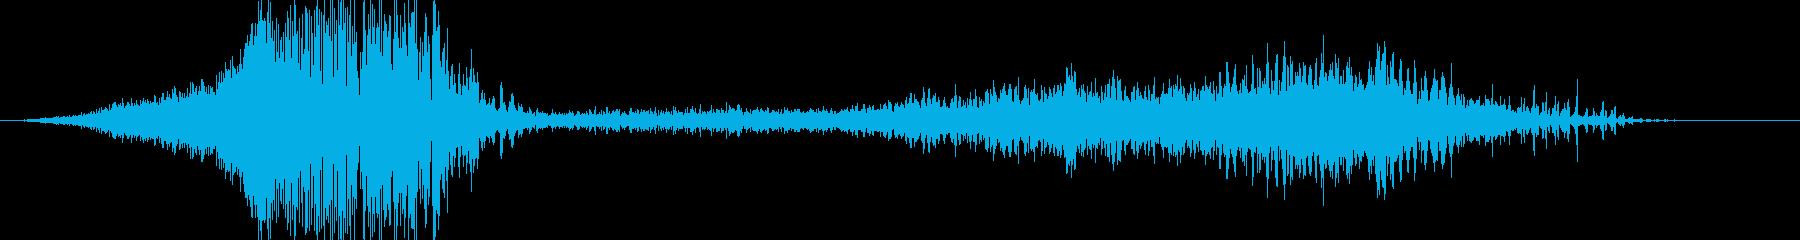 【映画】 動作 攻撃 アタックの再生済みの波形